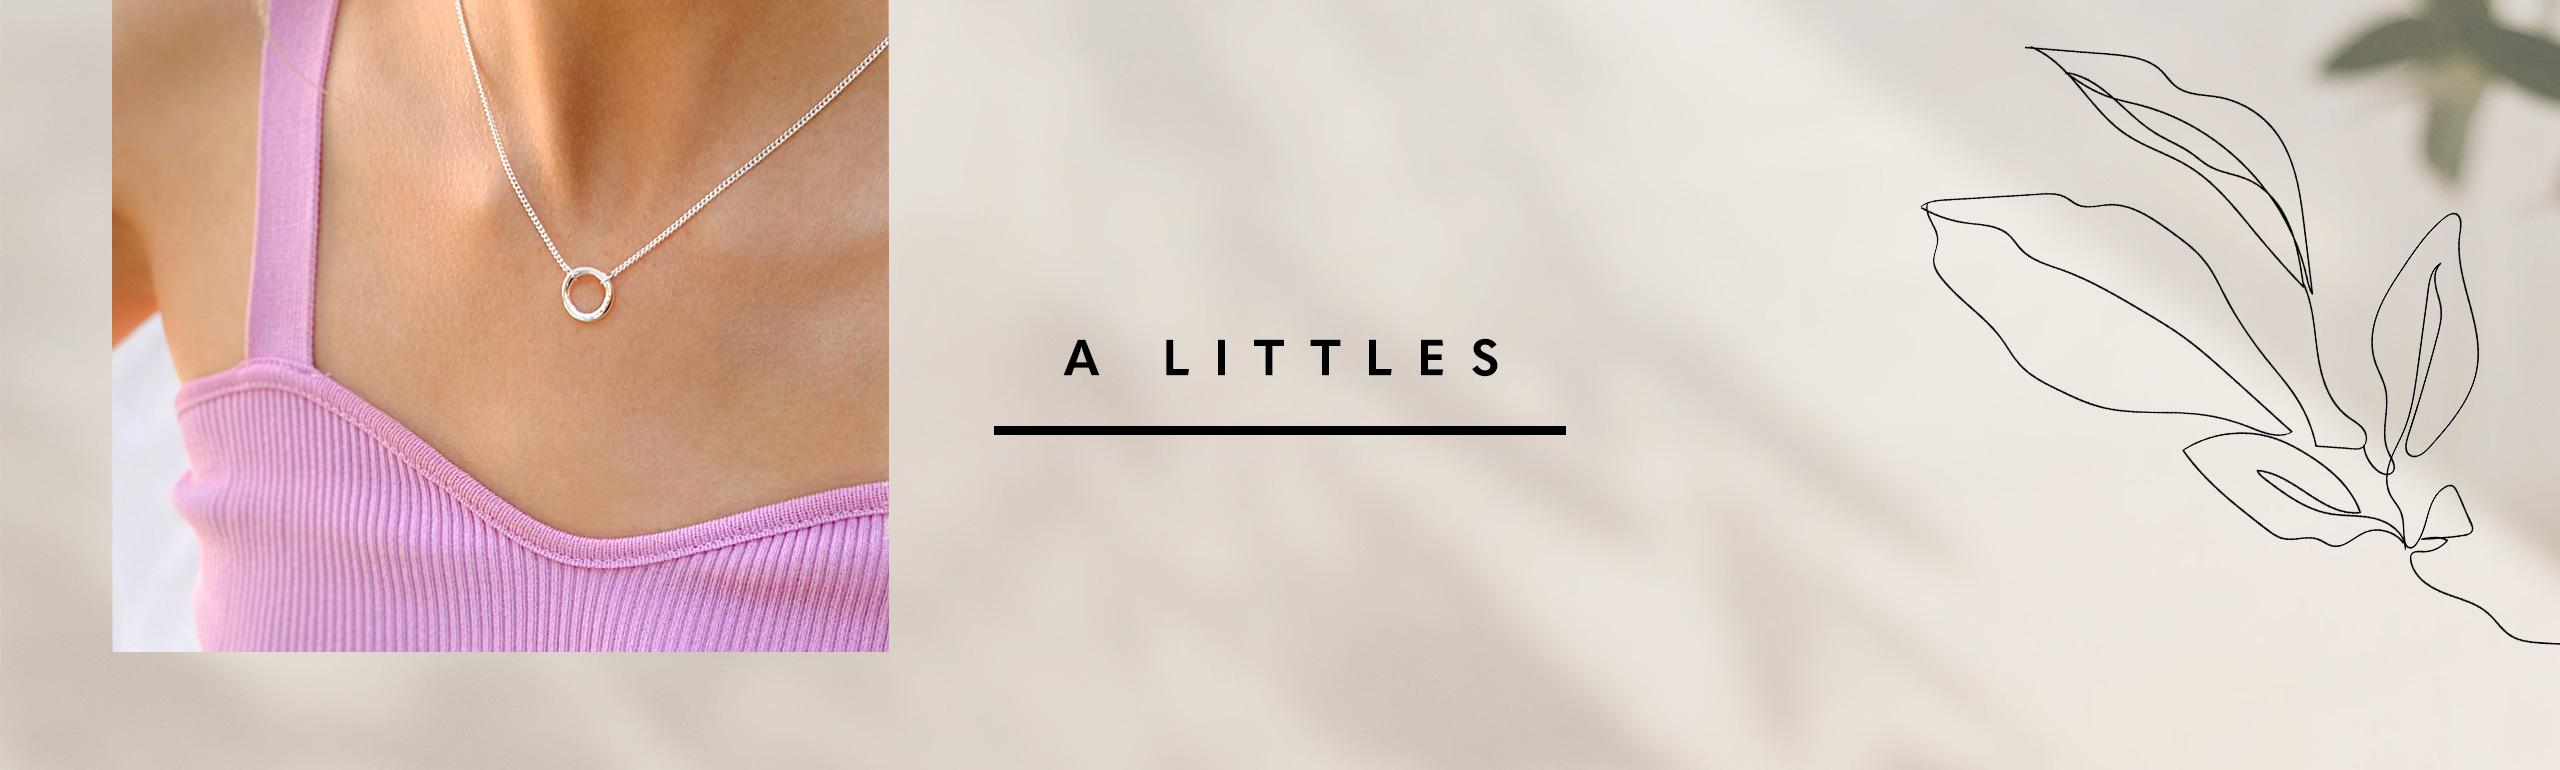 A Littles